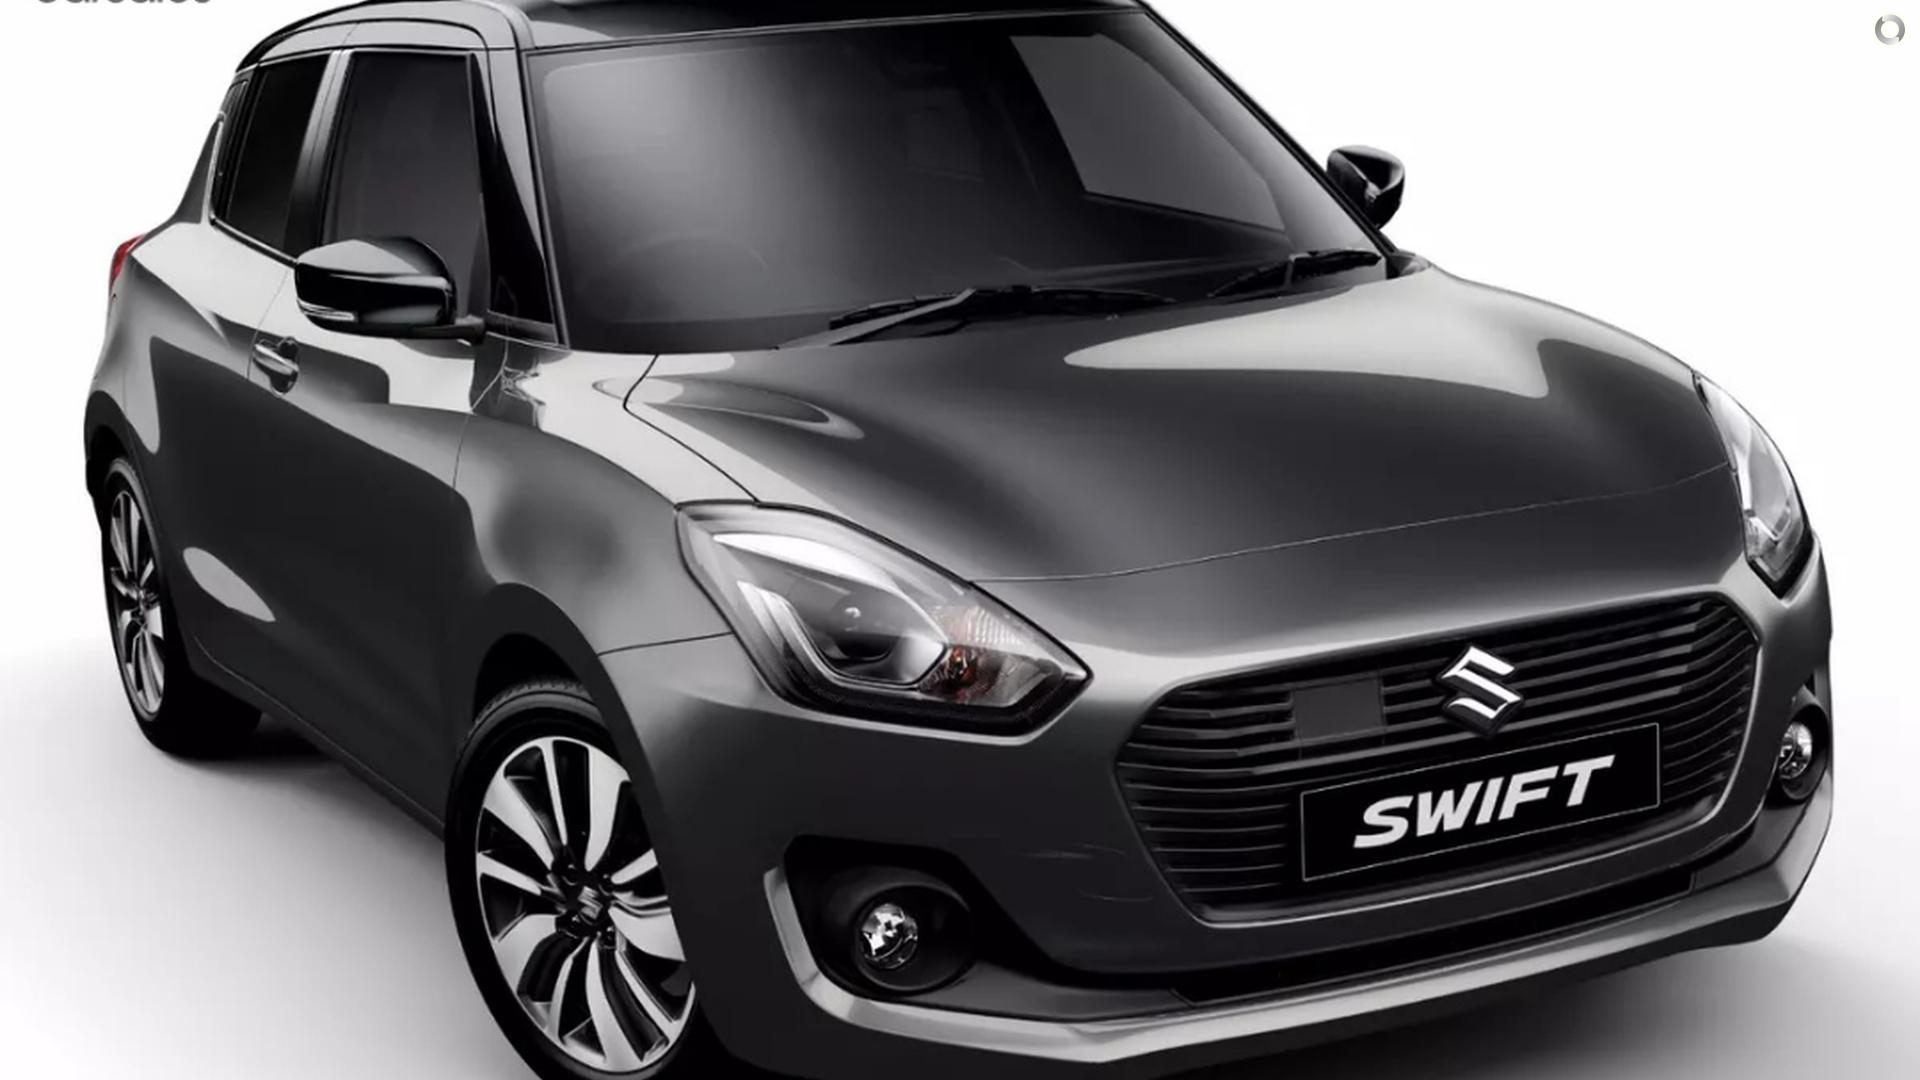 2018 Suzuki Swift AZ